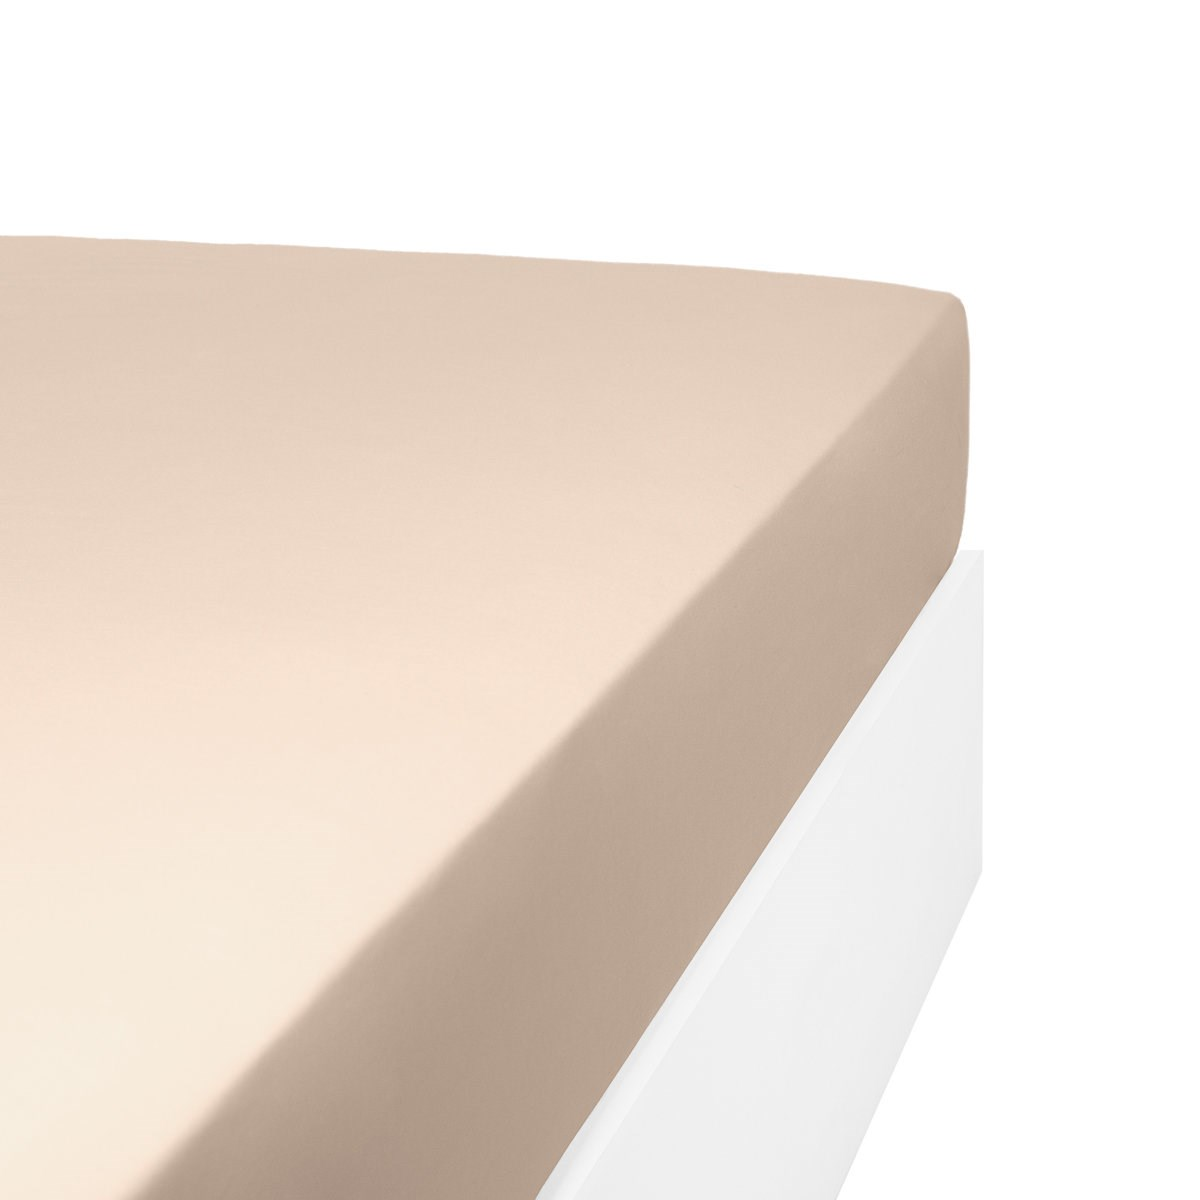 Drap housse uni 200 fils en de coton beige foncé 90x200 cm